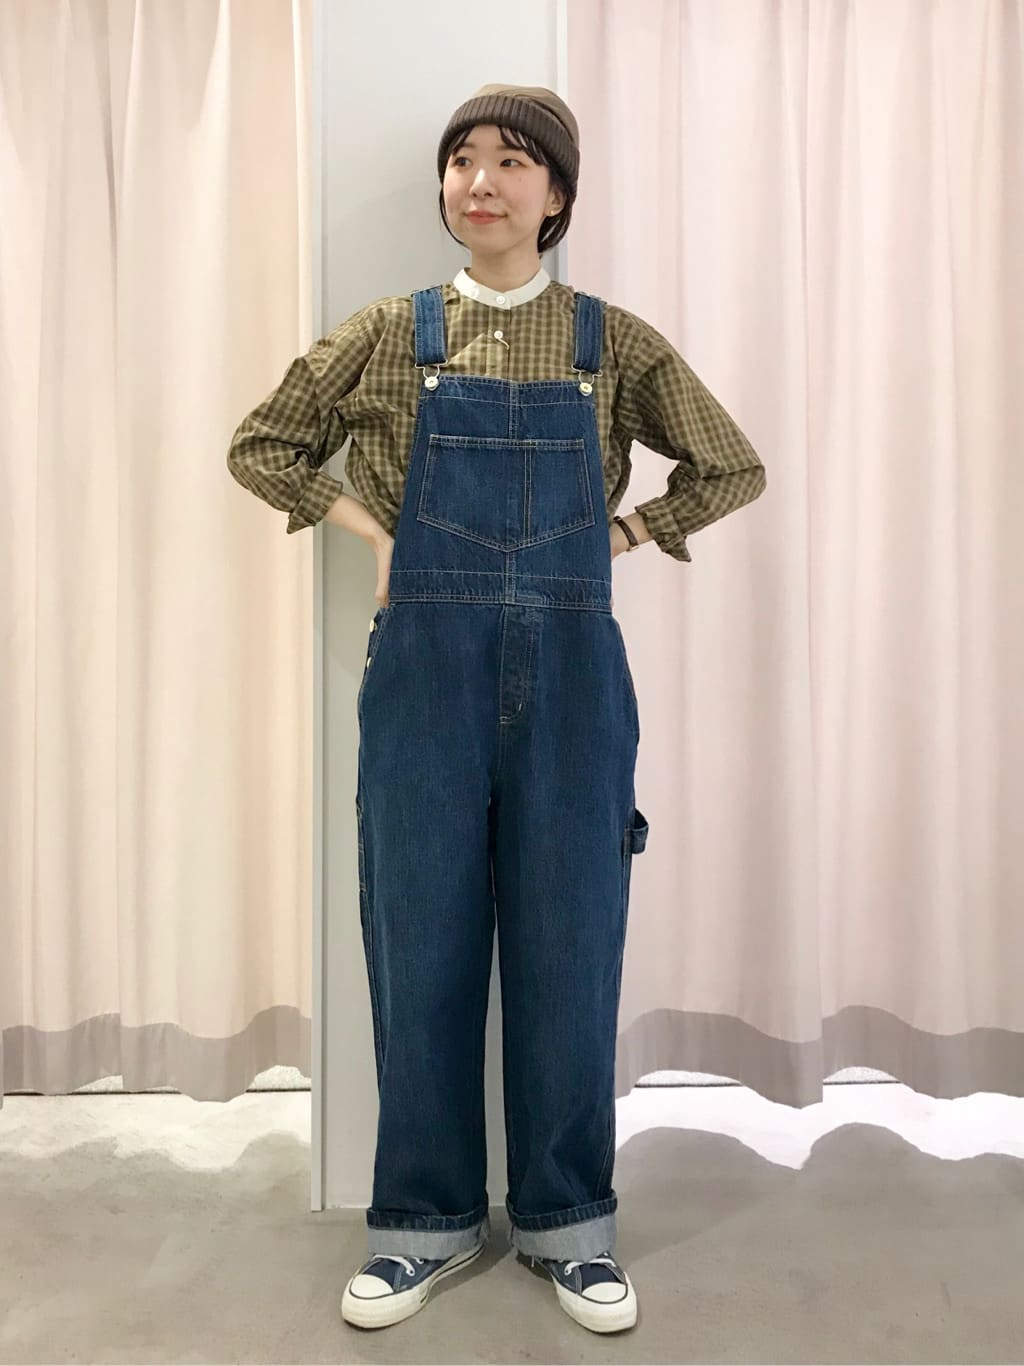 - PAR ICI CHILD WOMAN , PAR ICI ルミネ池袋 身長:154cm 2021.09.14